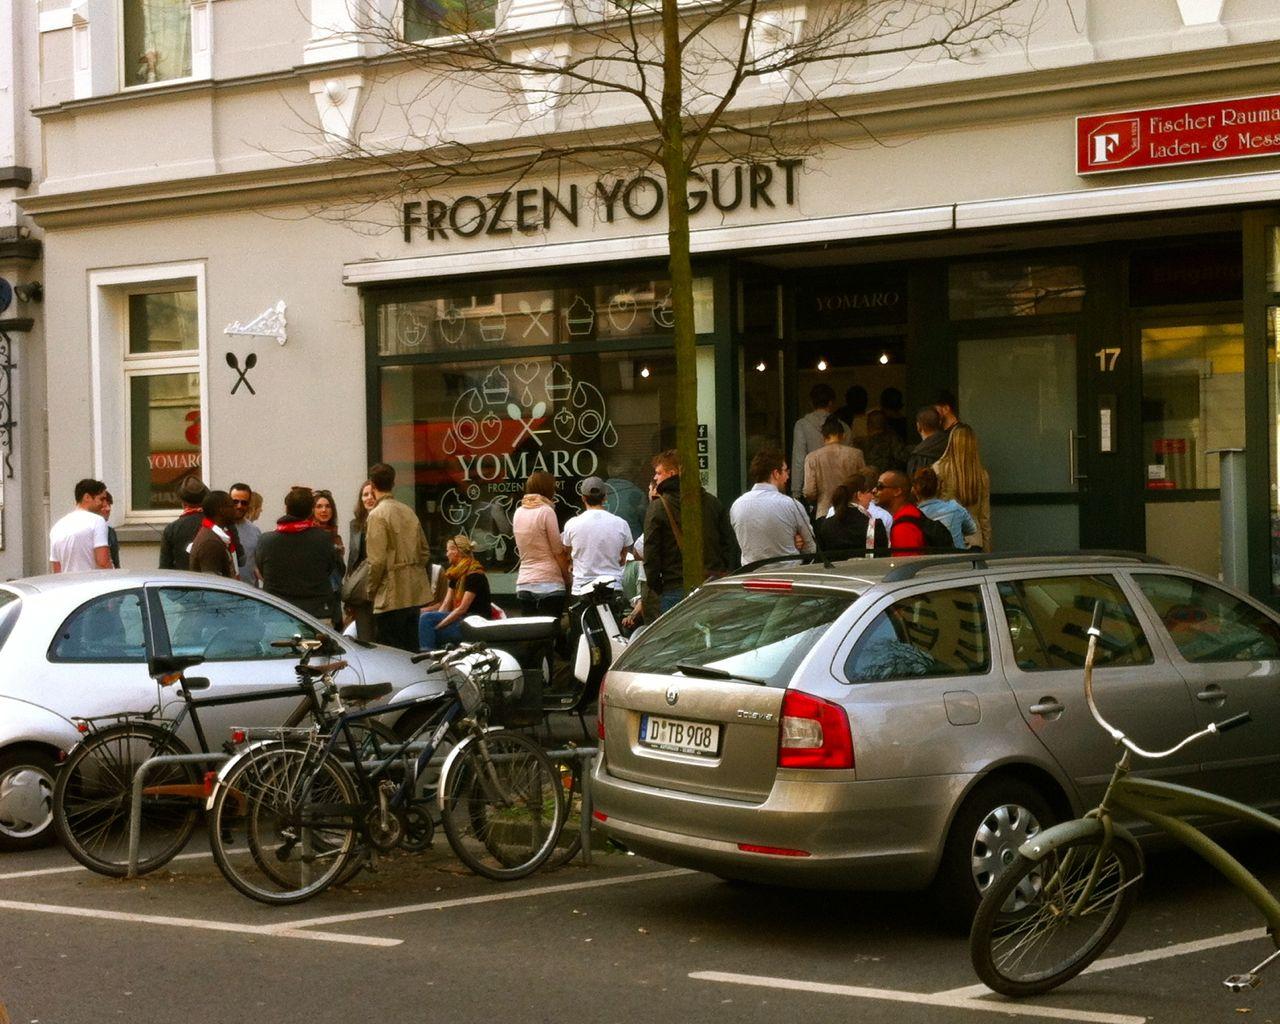 Neuer Eisdealer in Unterbilk (Lorettostraße)